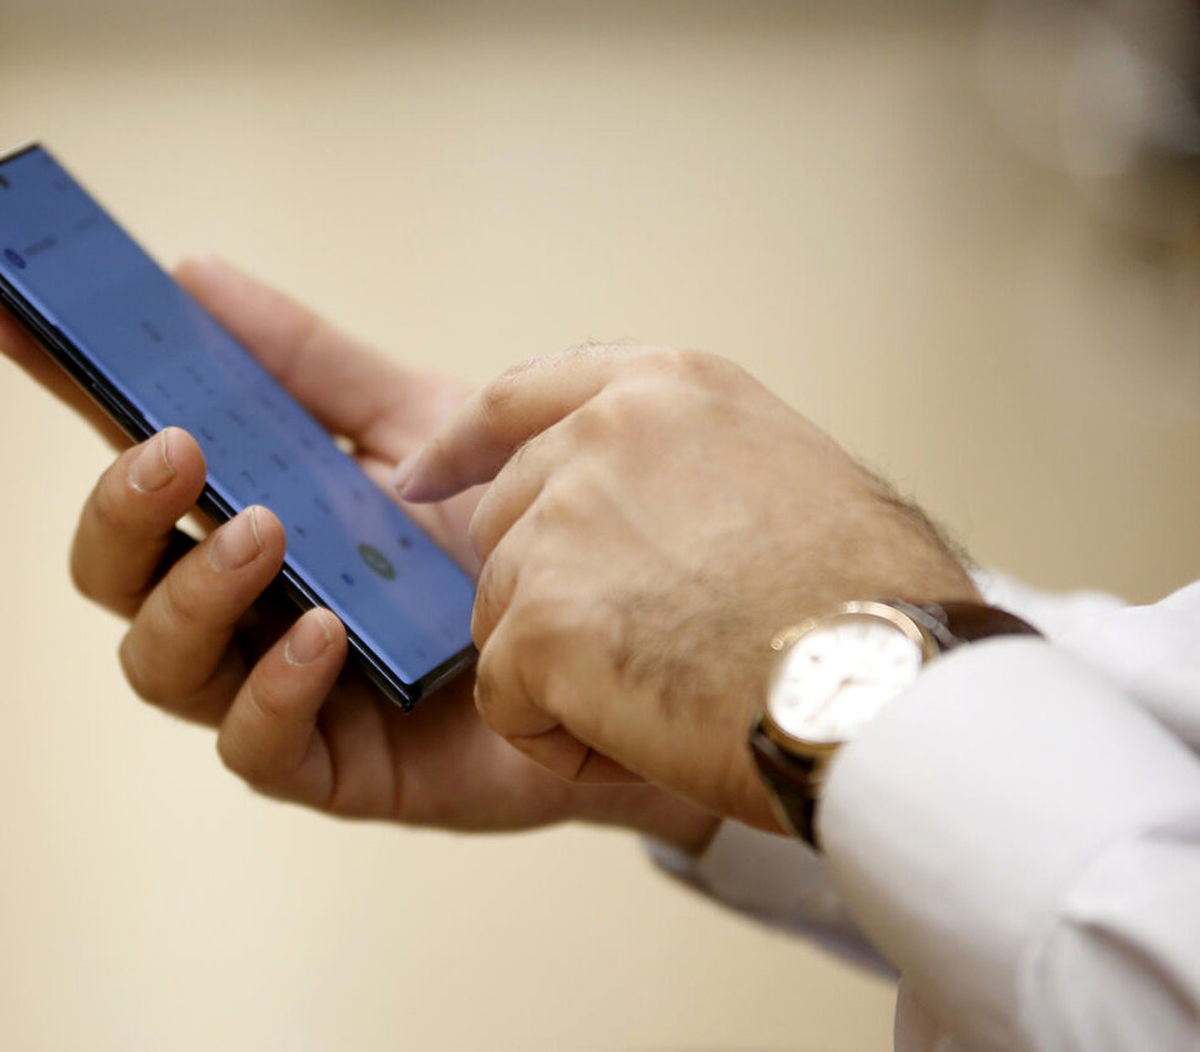 ترفند جدید کلاهبرداران پیامکی از حساب بانکی مردم